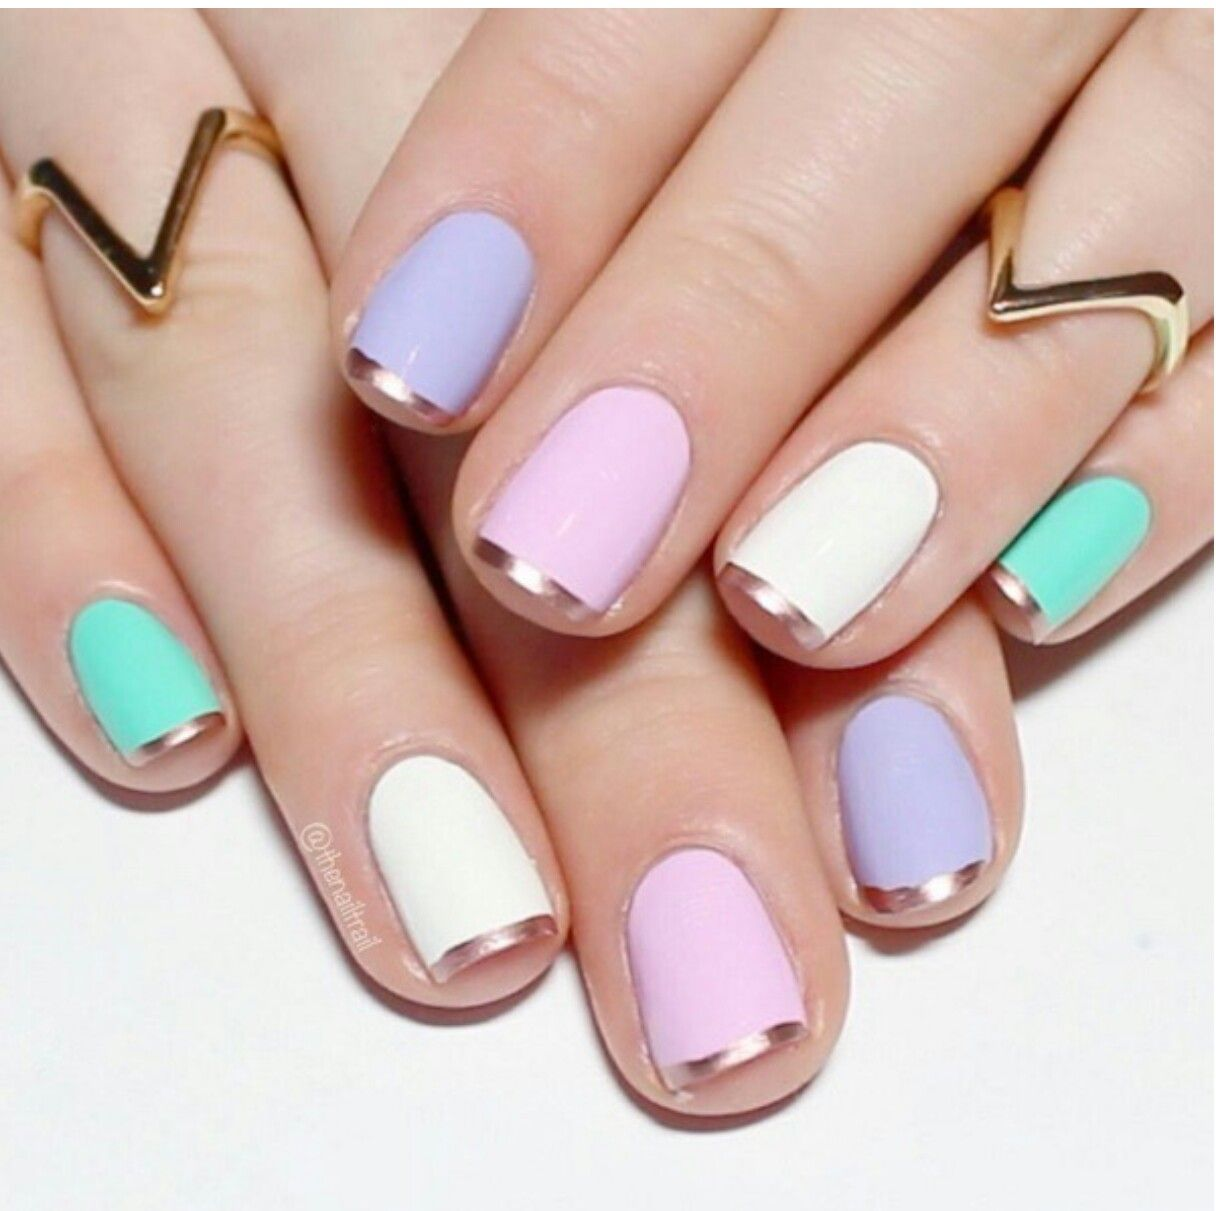 Pastel nail paint. | Nail Styles | Pinterest | Pastel nails, Nail ...